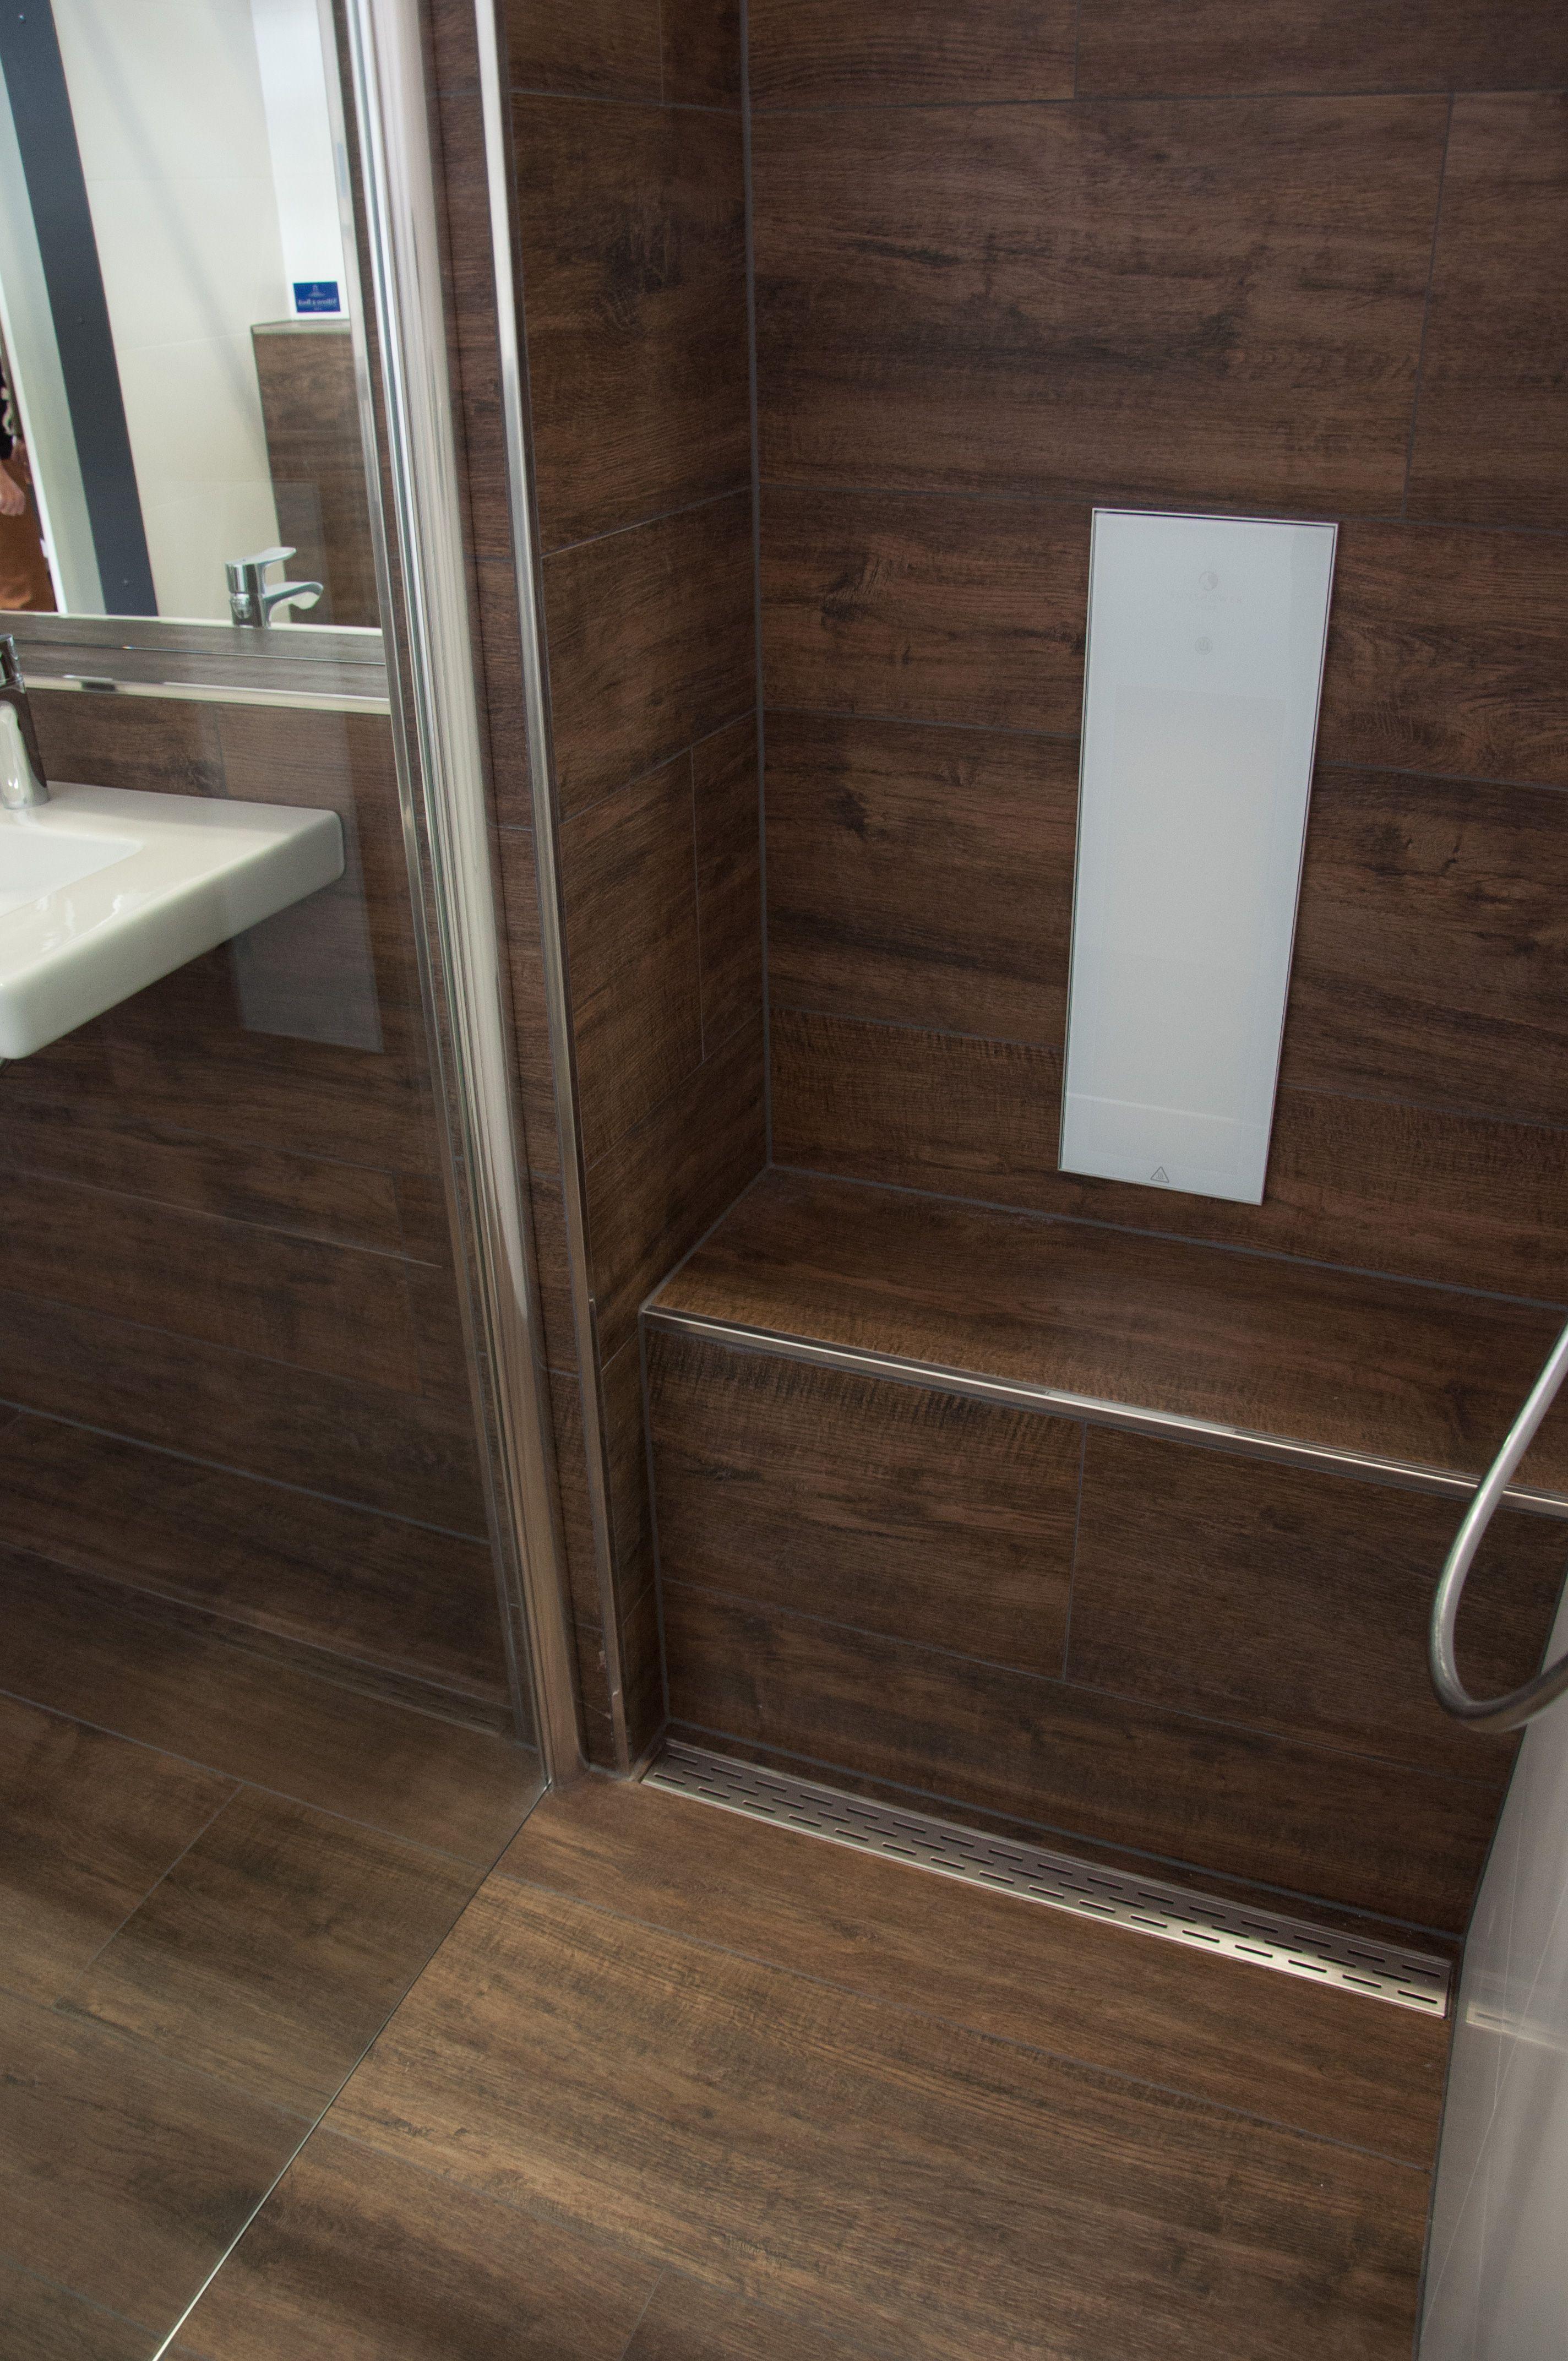 Dusche Mit Sitzbank dusche sitzbank aus fliesen in holzoptik bodenebene dusche mit